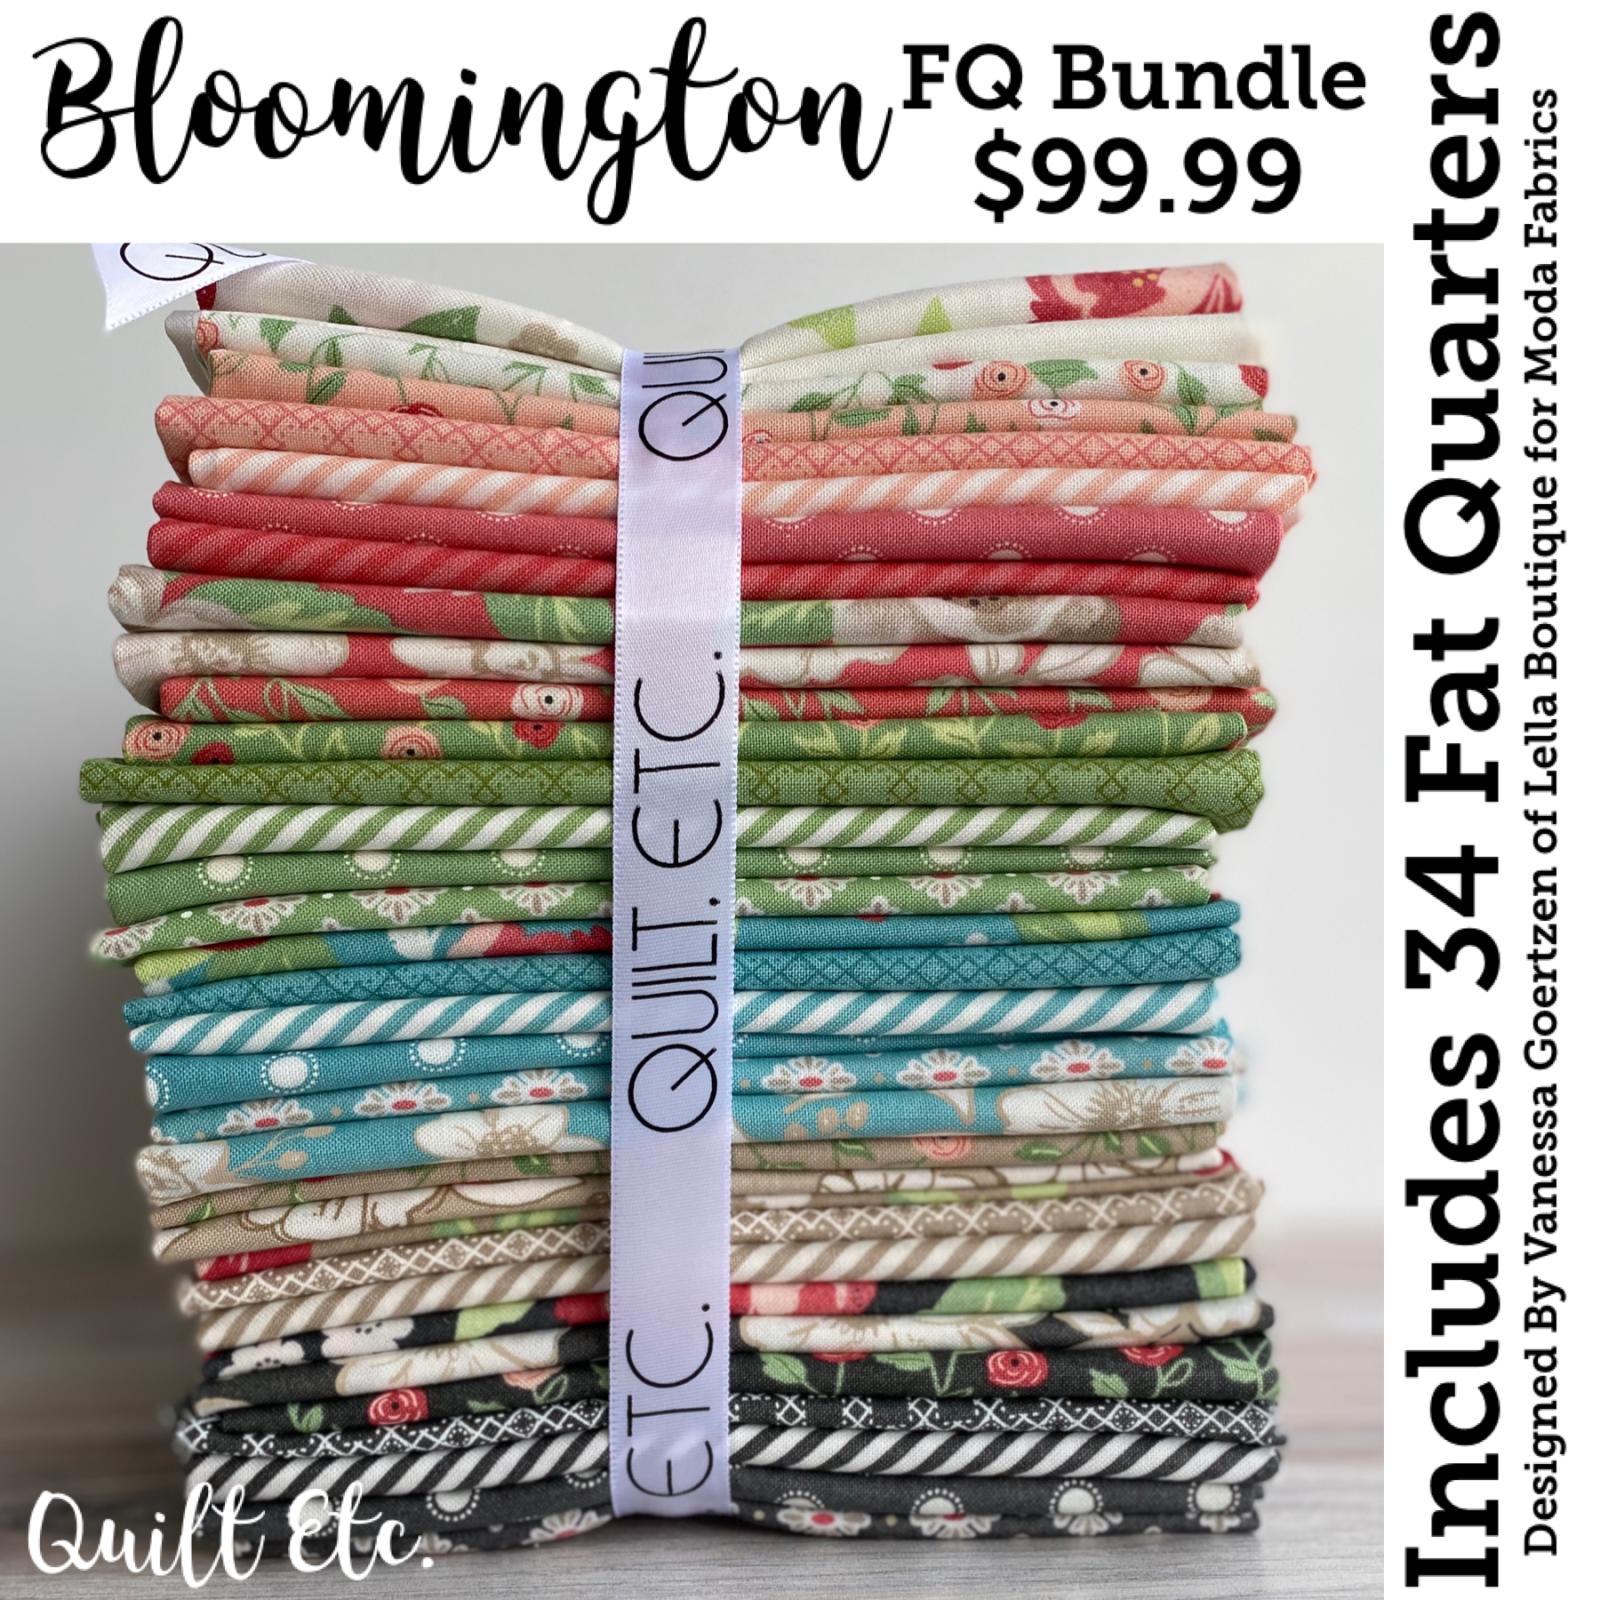 Bloomington Fat Quarter Bundle